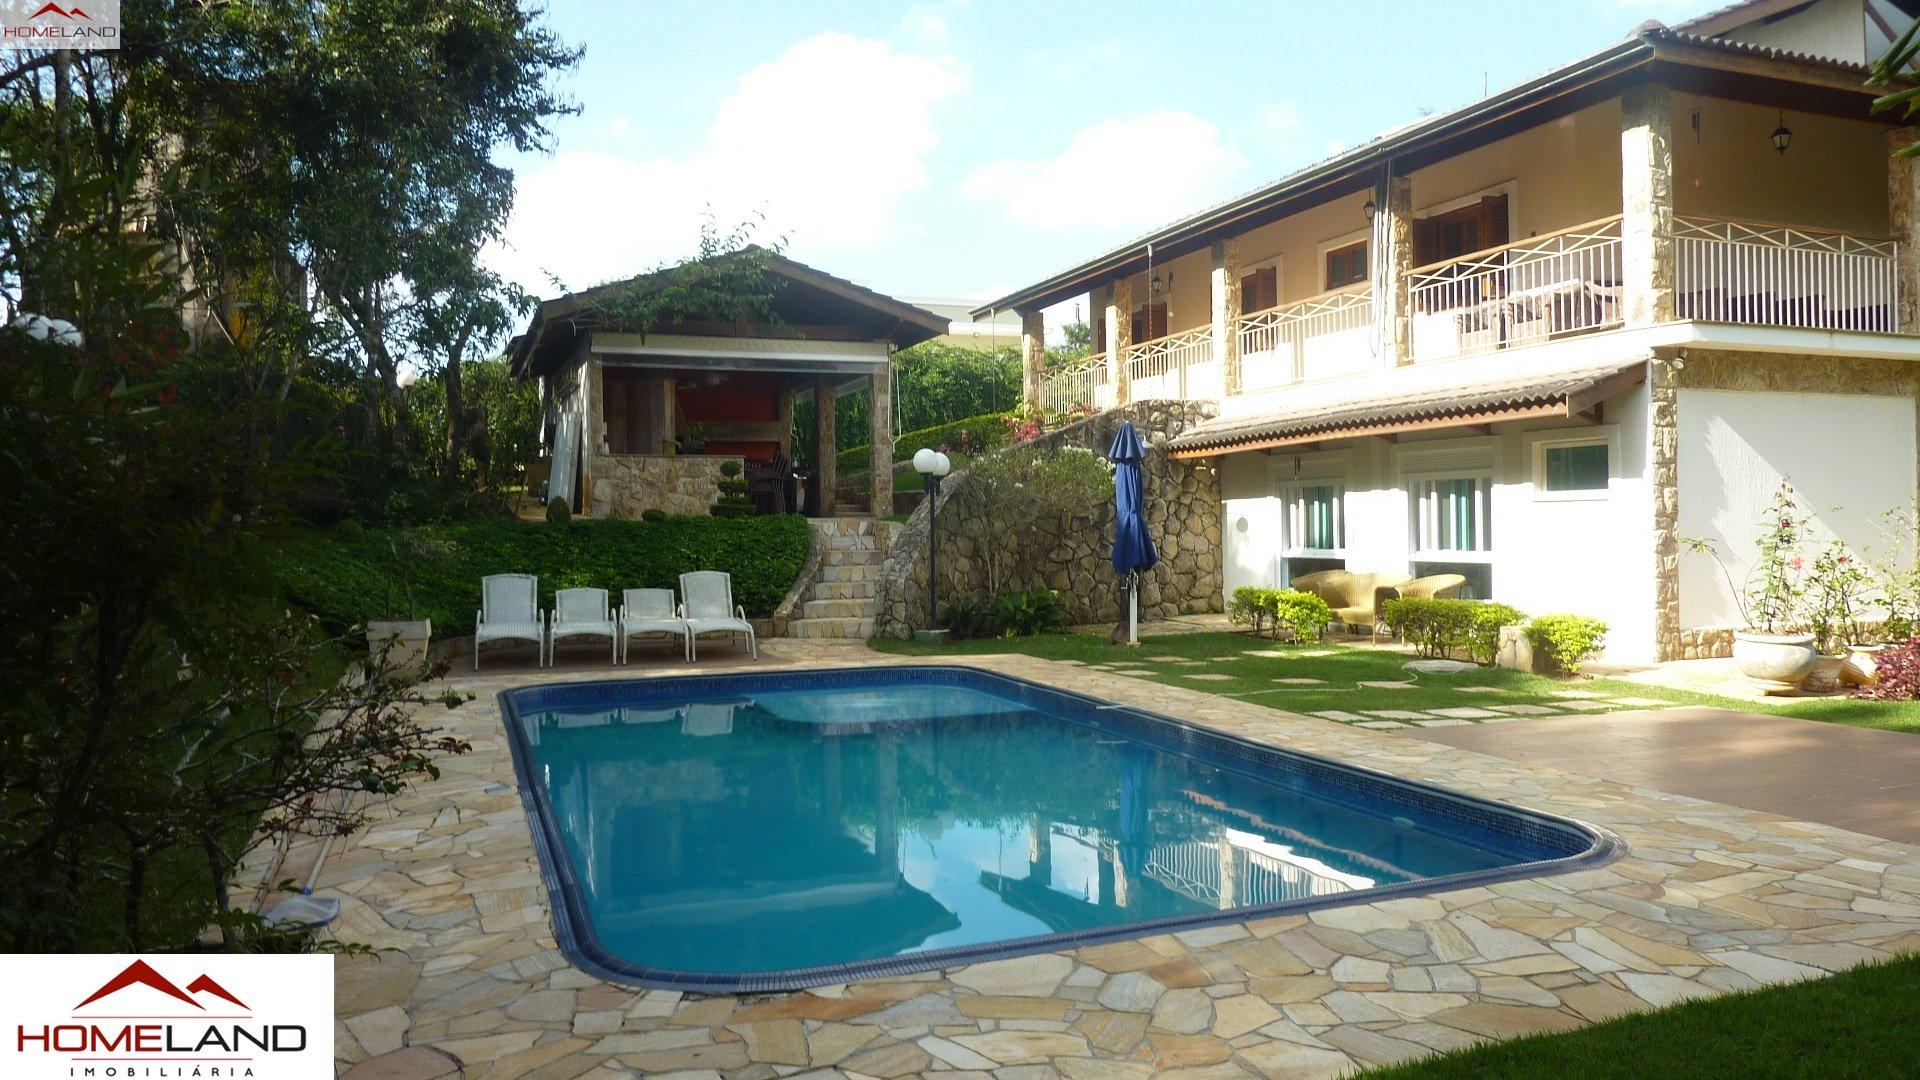 HL-120 Bela casa em ótimo estado  e linda vista no Patrimônio do Carmo R$ 1500 mil